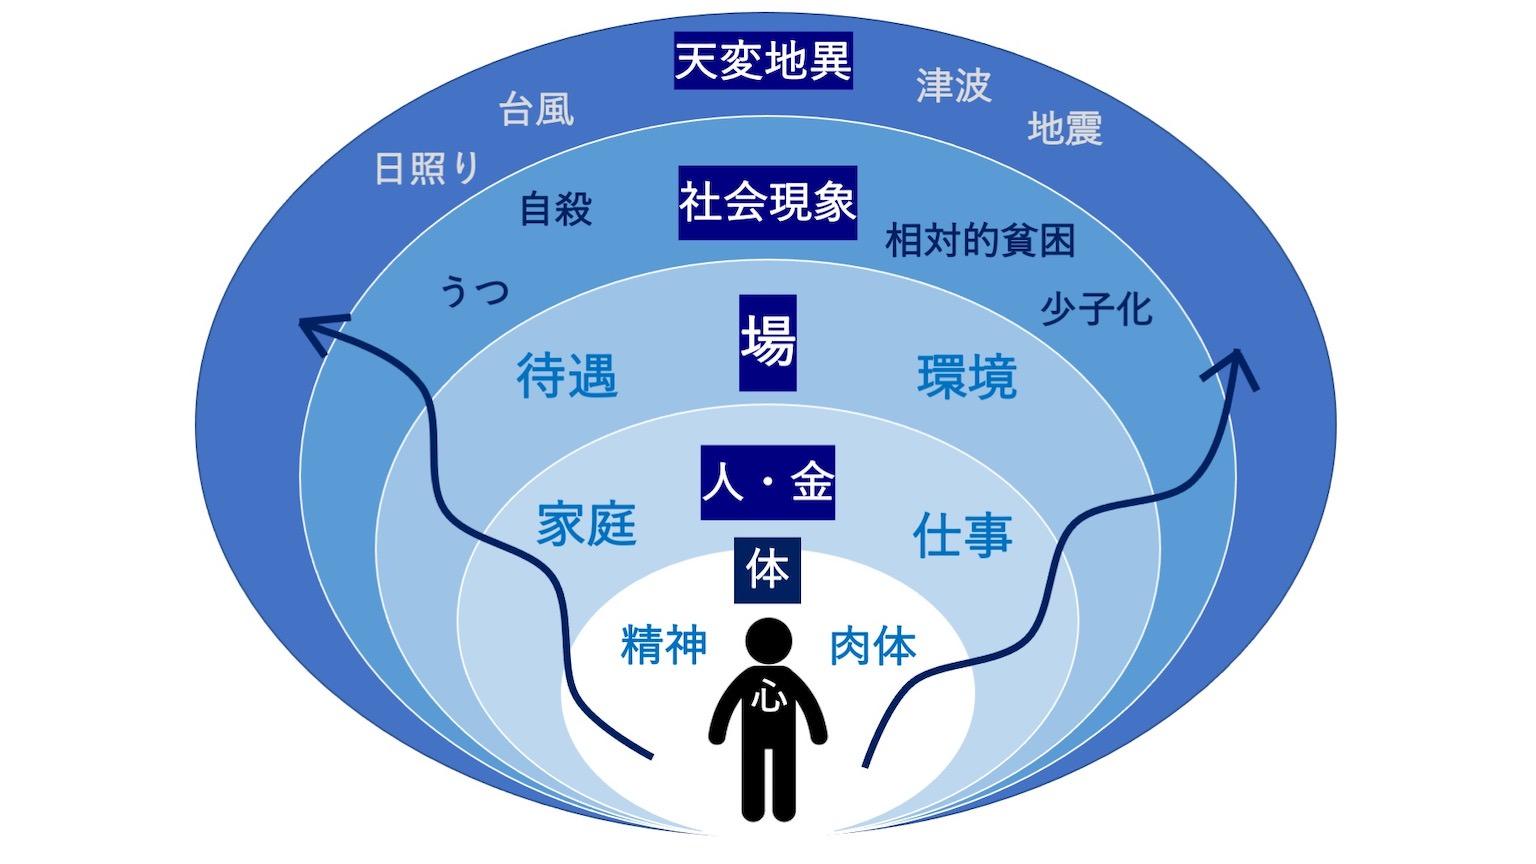 シンボル・ガイダンスマップセミナー案内_図6_振動